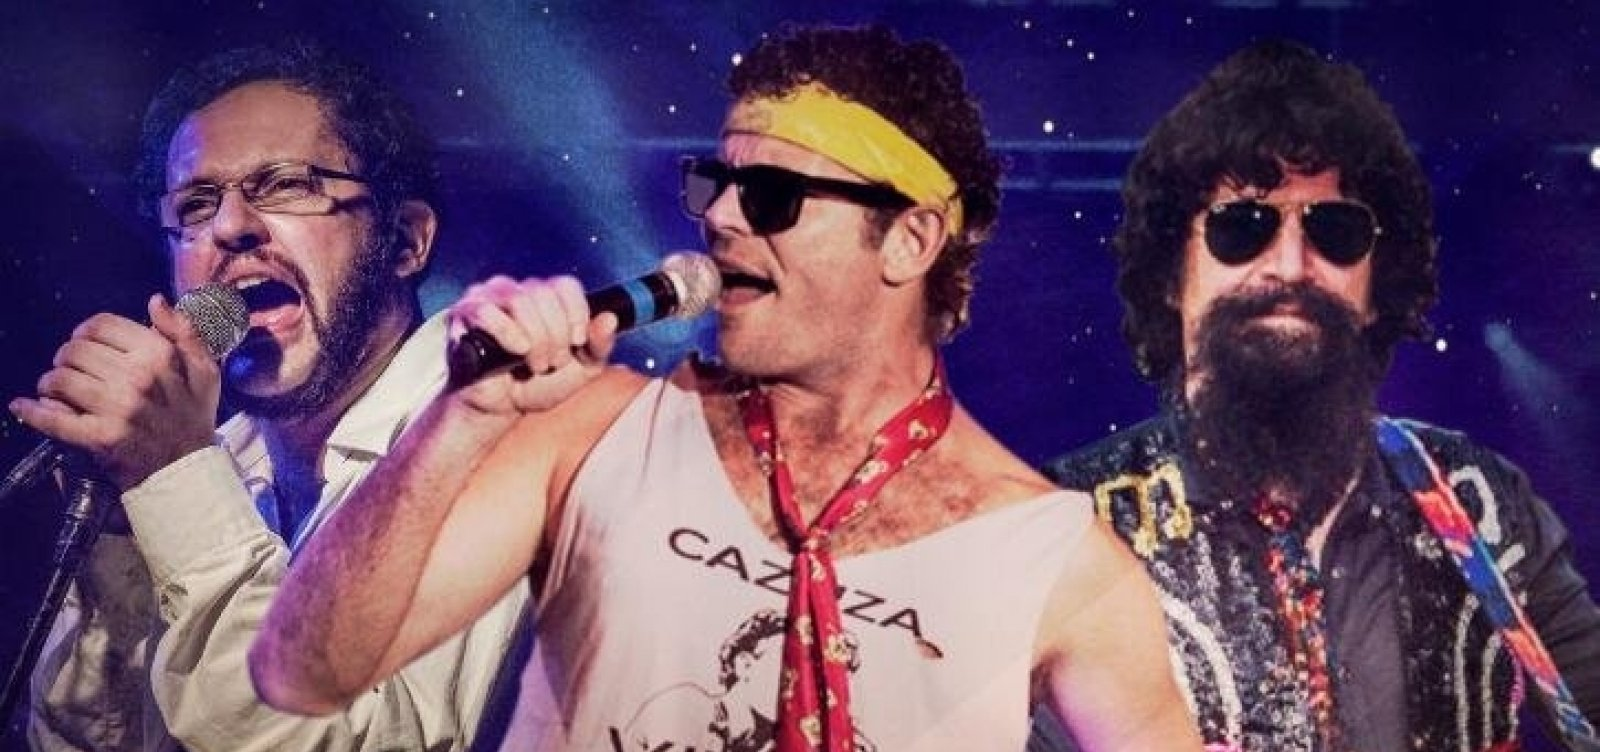 Espétaculo com intérpretes de Cazuza, Raul e Renato estreia neste domingo no TCA